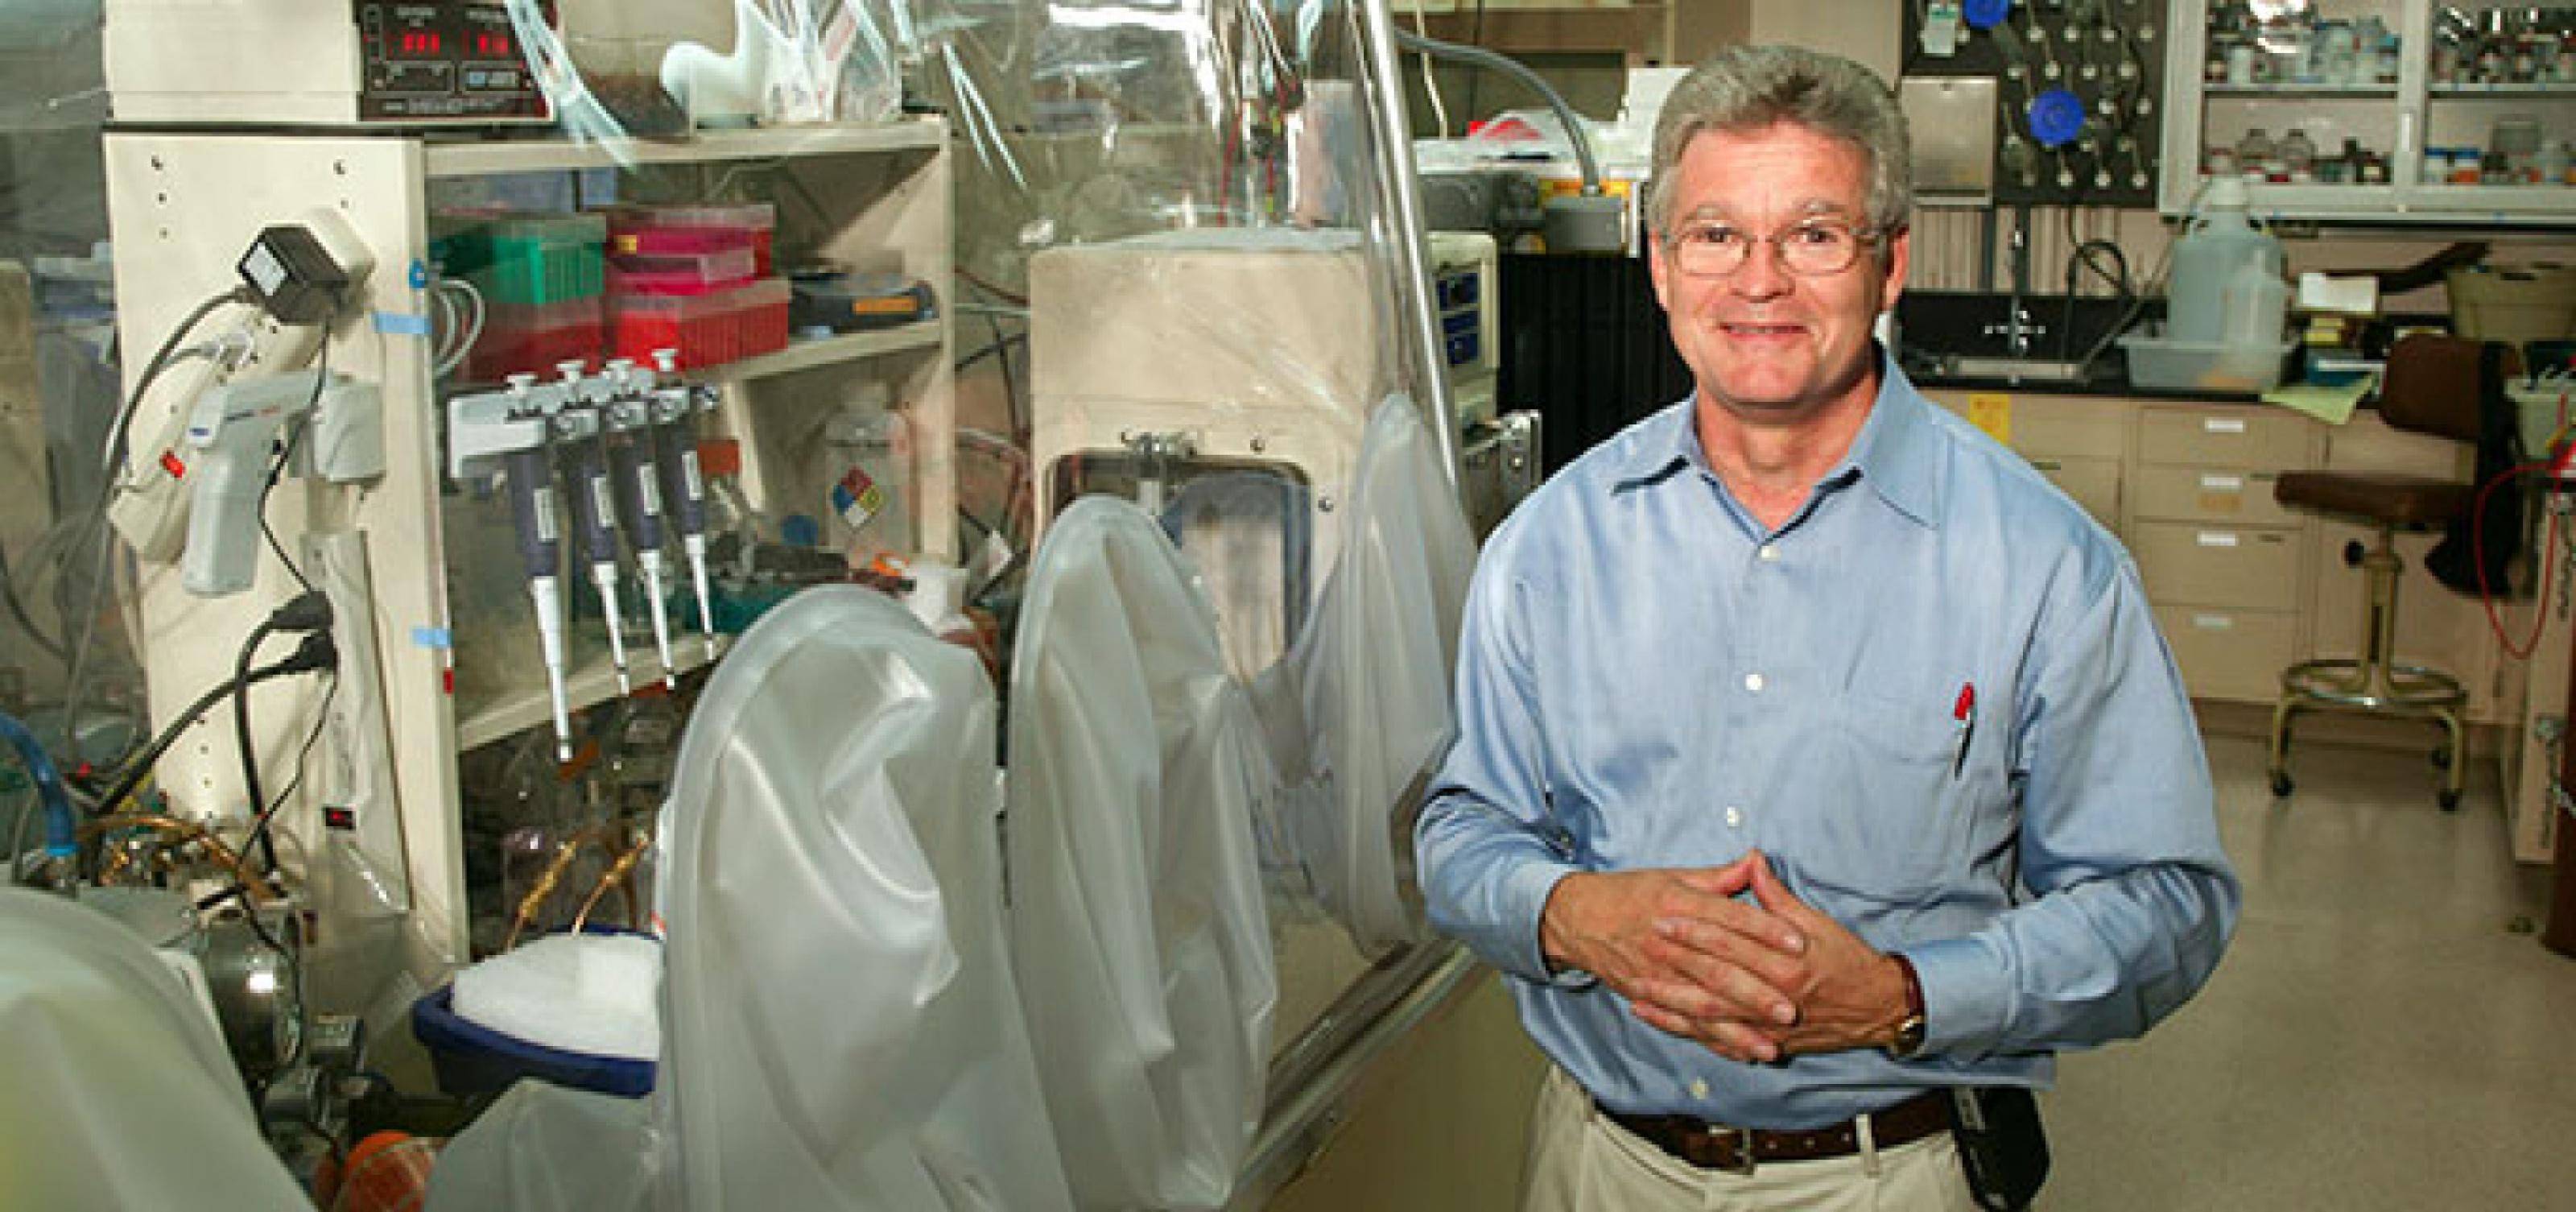 Laboratoř profesora Jamese Swartze  ze Stanford University je jedním z pracovišť, kde jsou v přípravě univerzální chřipkové vakcíny nejdál.  Kredit: Joel Simon